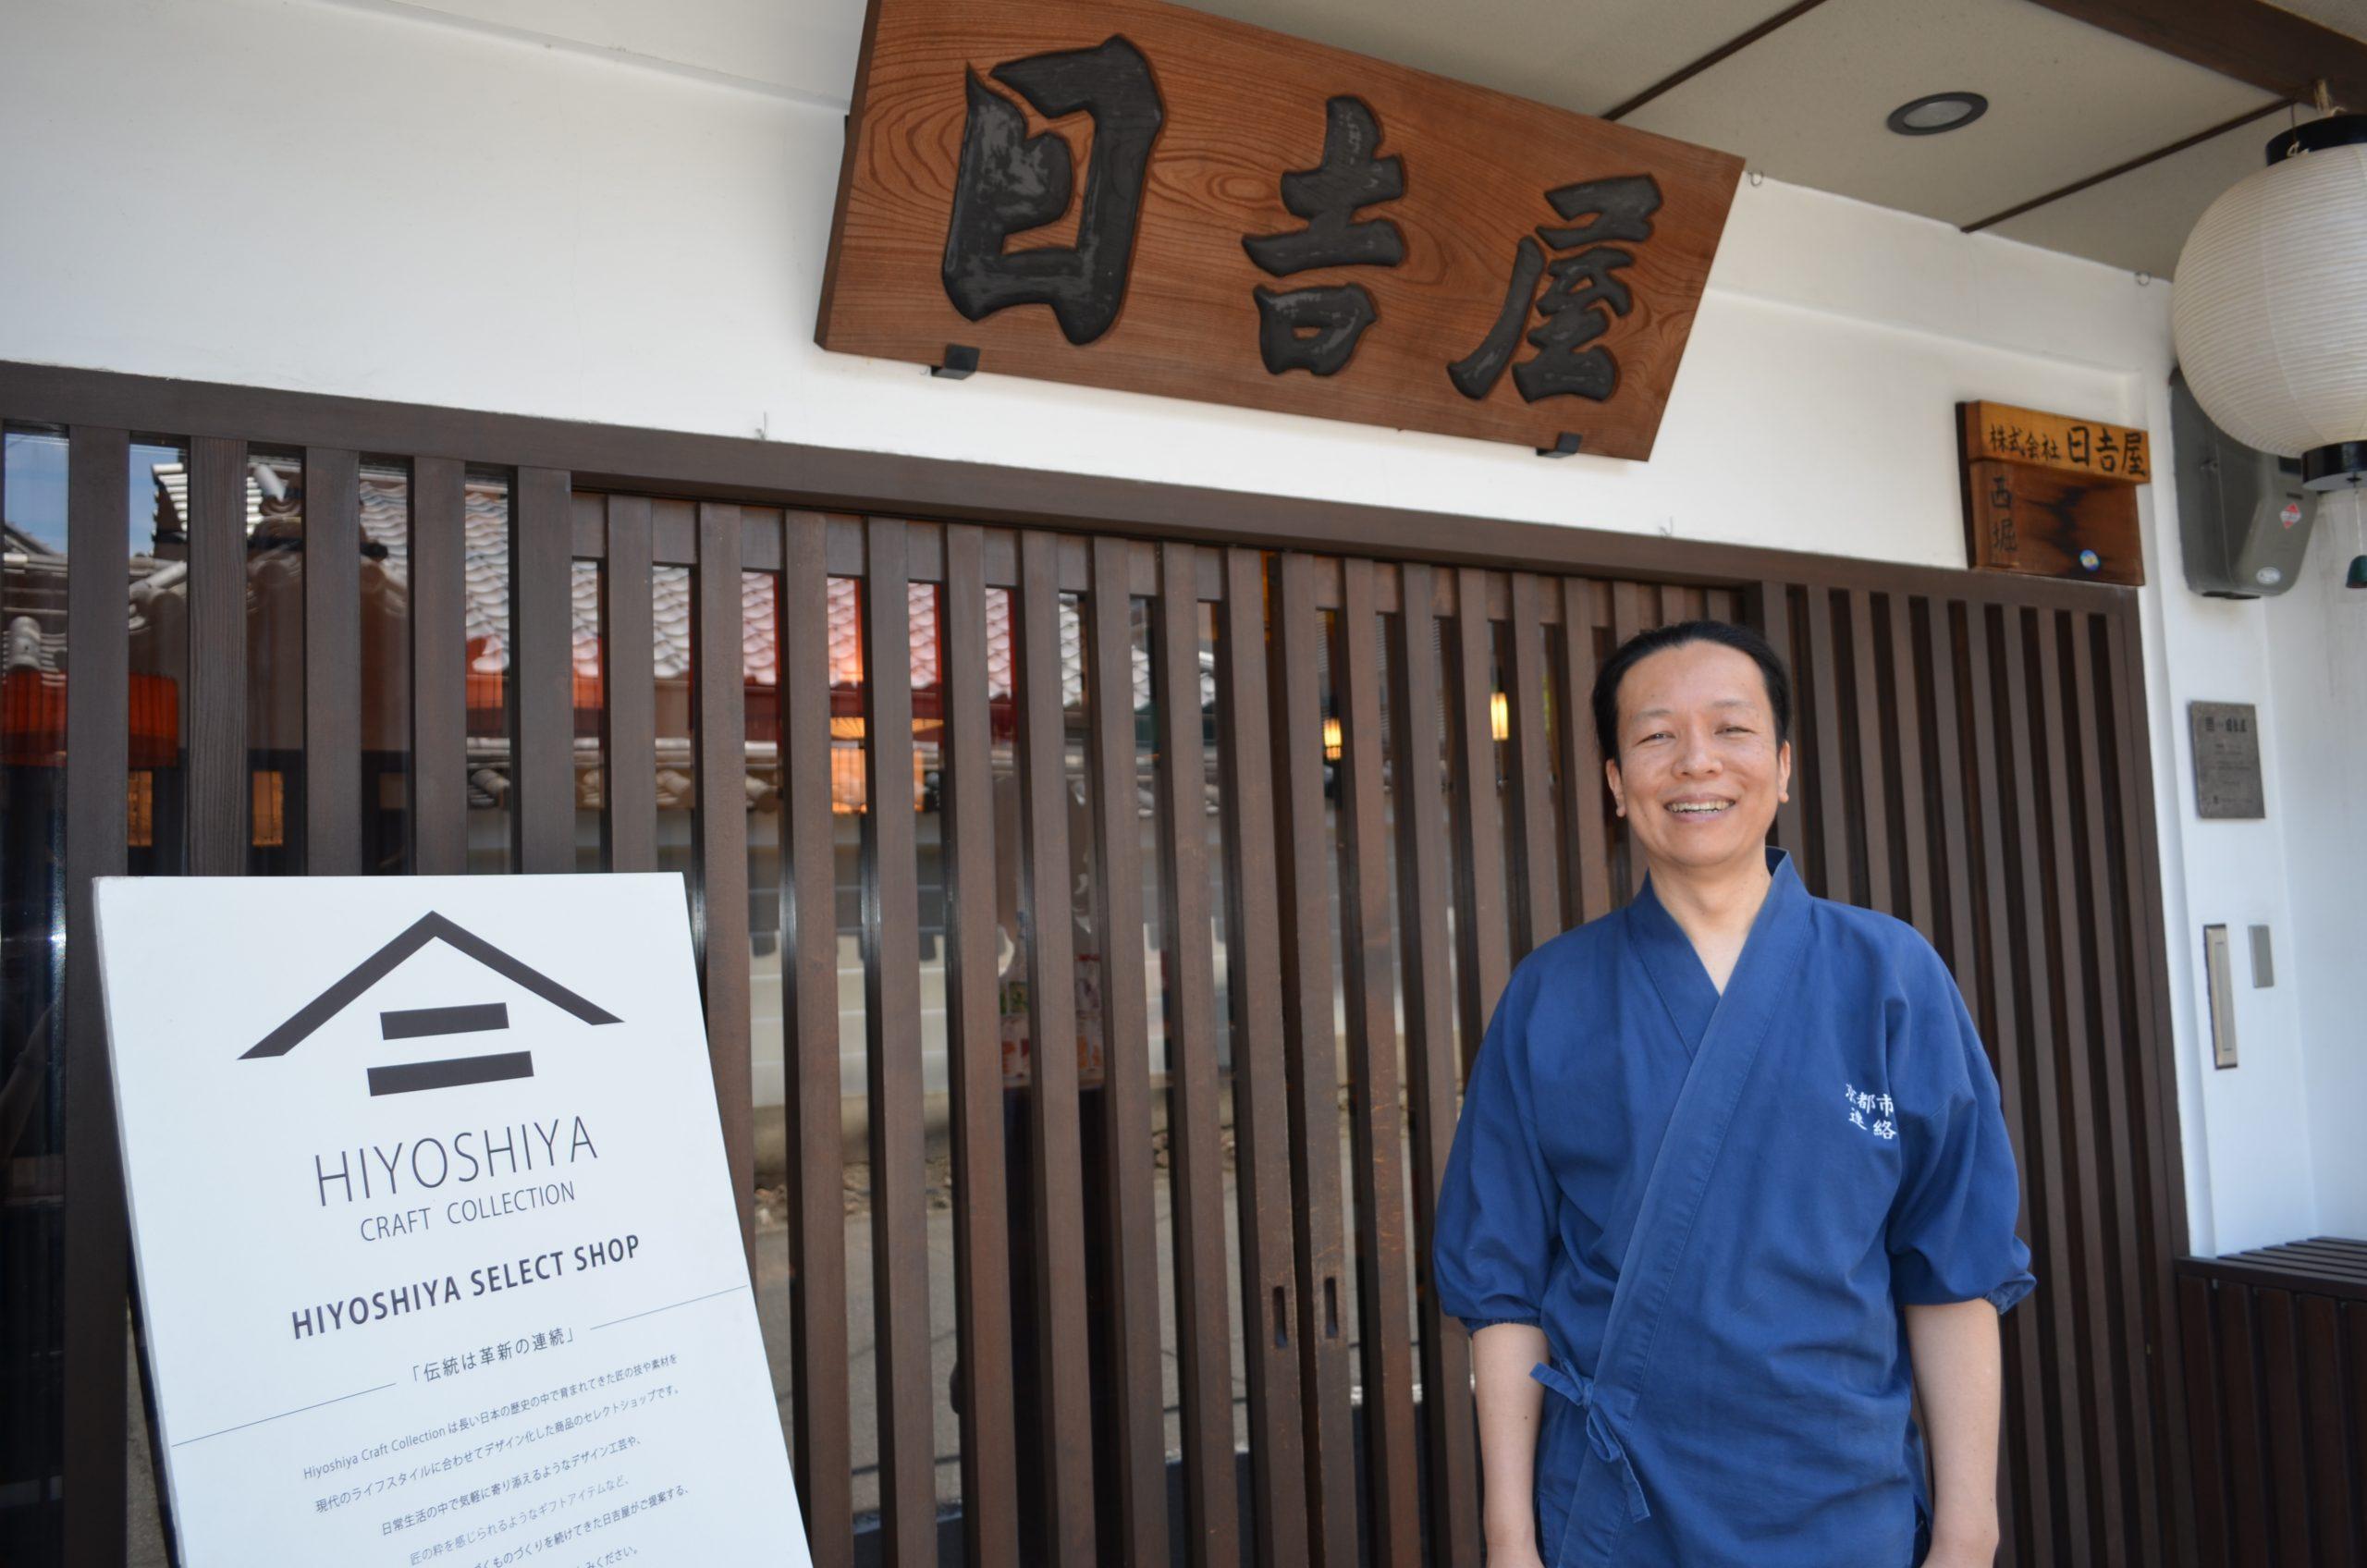 「変わらないために変わり続ける」年商160万円から京都の老舗和傘店・日吉屋を救った5代目当主の挑戦